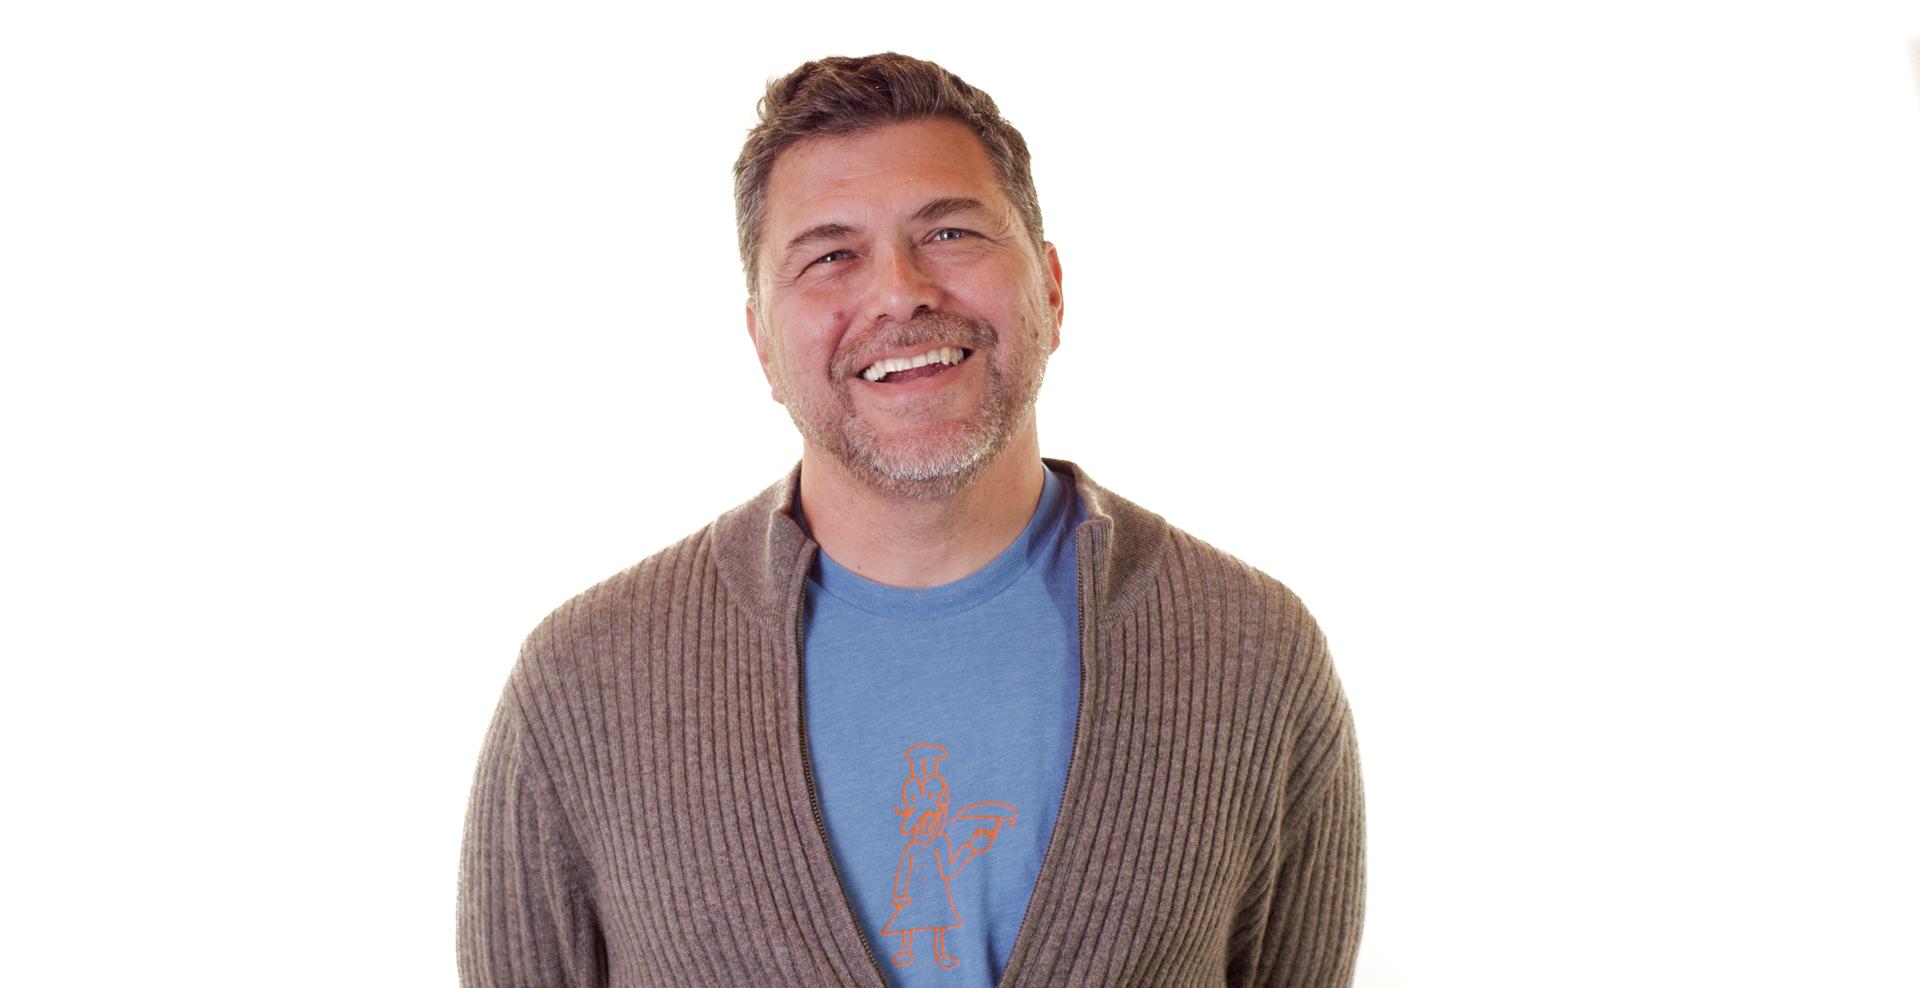 Rick Cortez, Principal